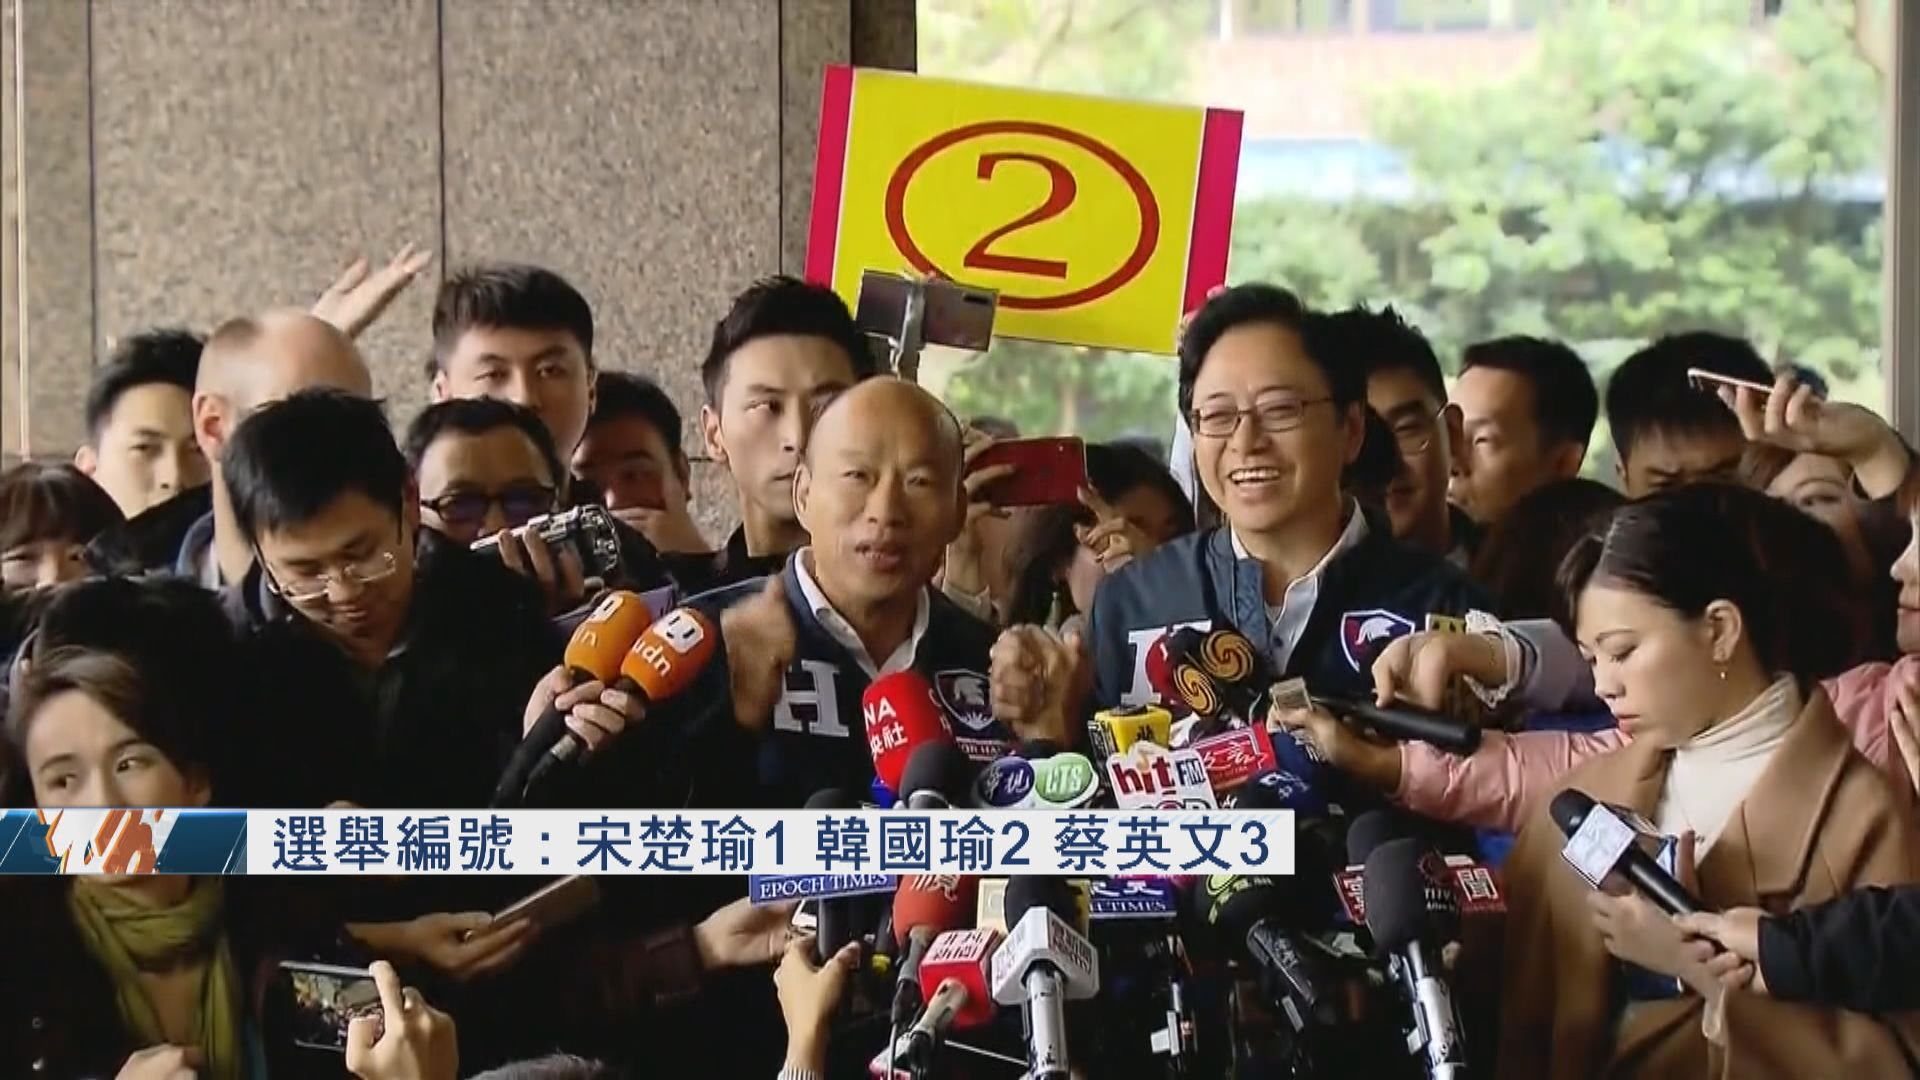 台灣明年大選 三位總統候選人經抽籤選出編號